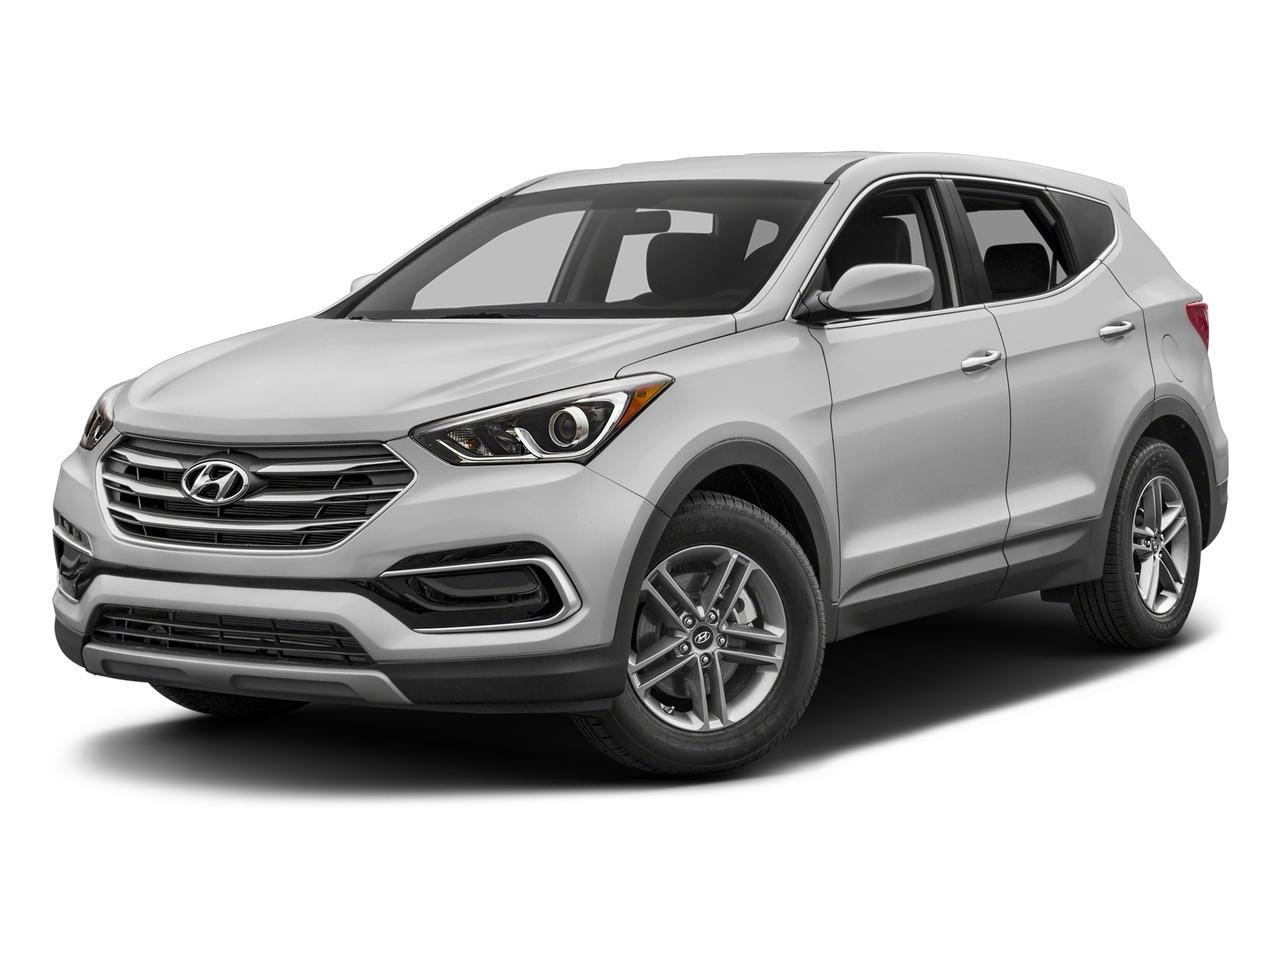 2017 Hyundai Santa Fe Sport Vehicle Photo in Henderson, NV 89014